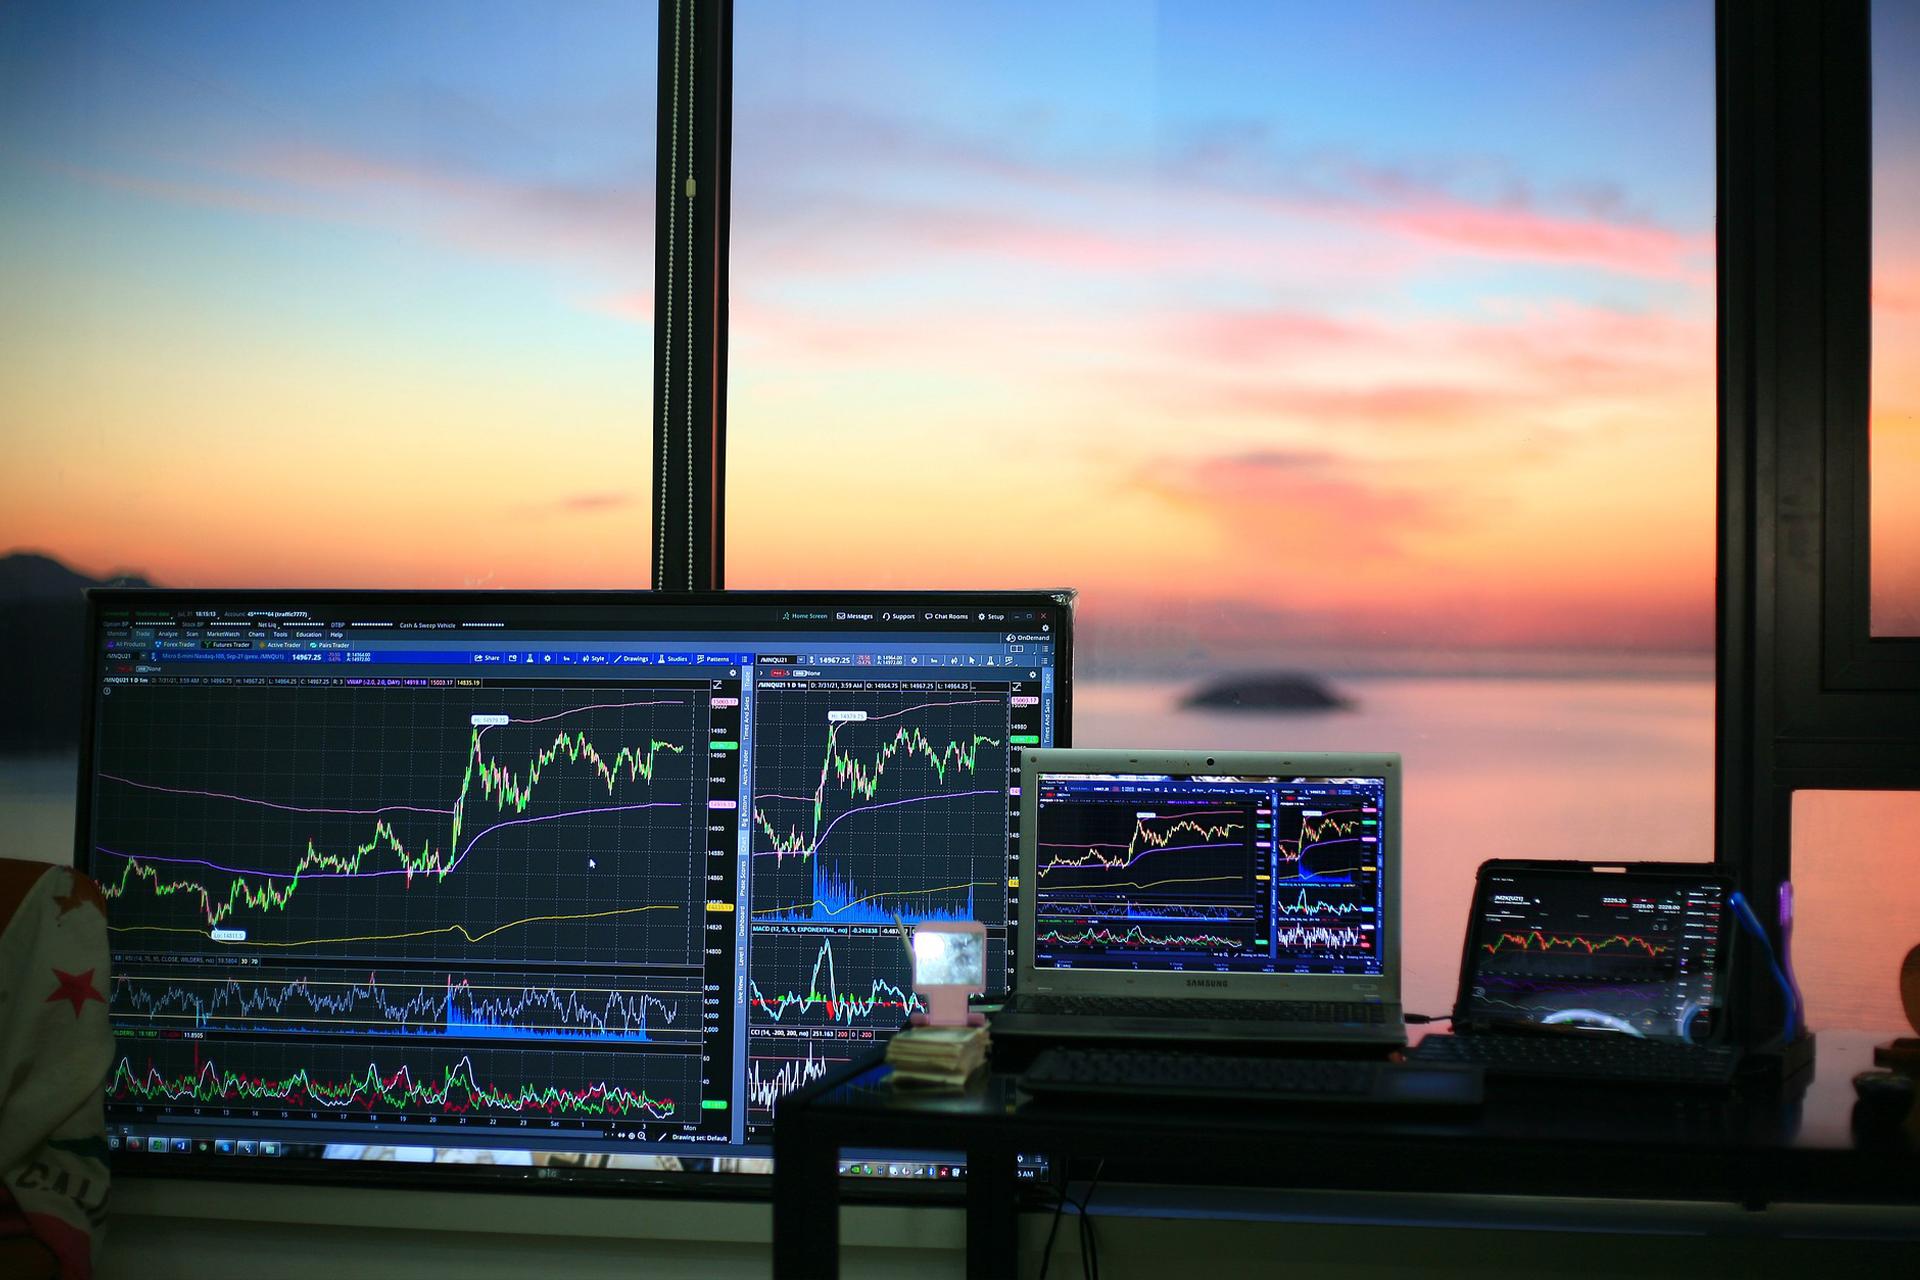 Тренды фондового рынка: акции каких компаний советуют купить эксперты?